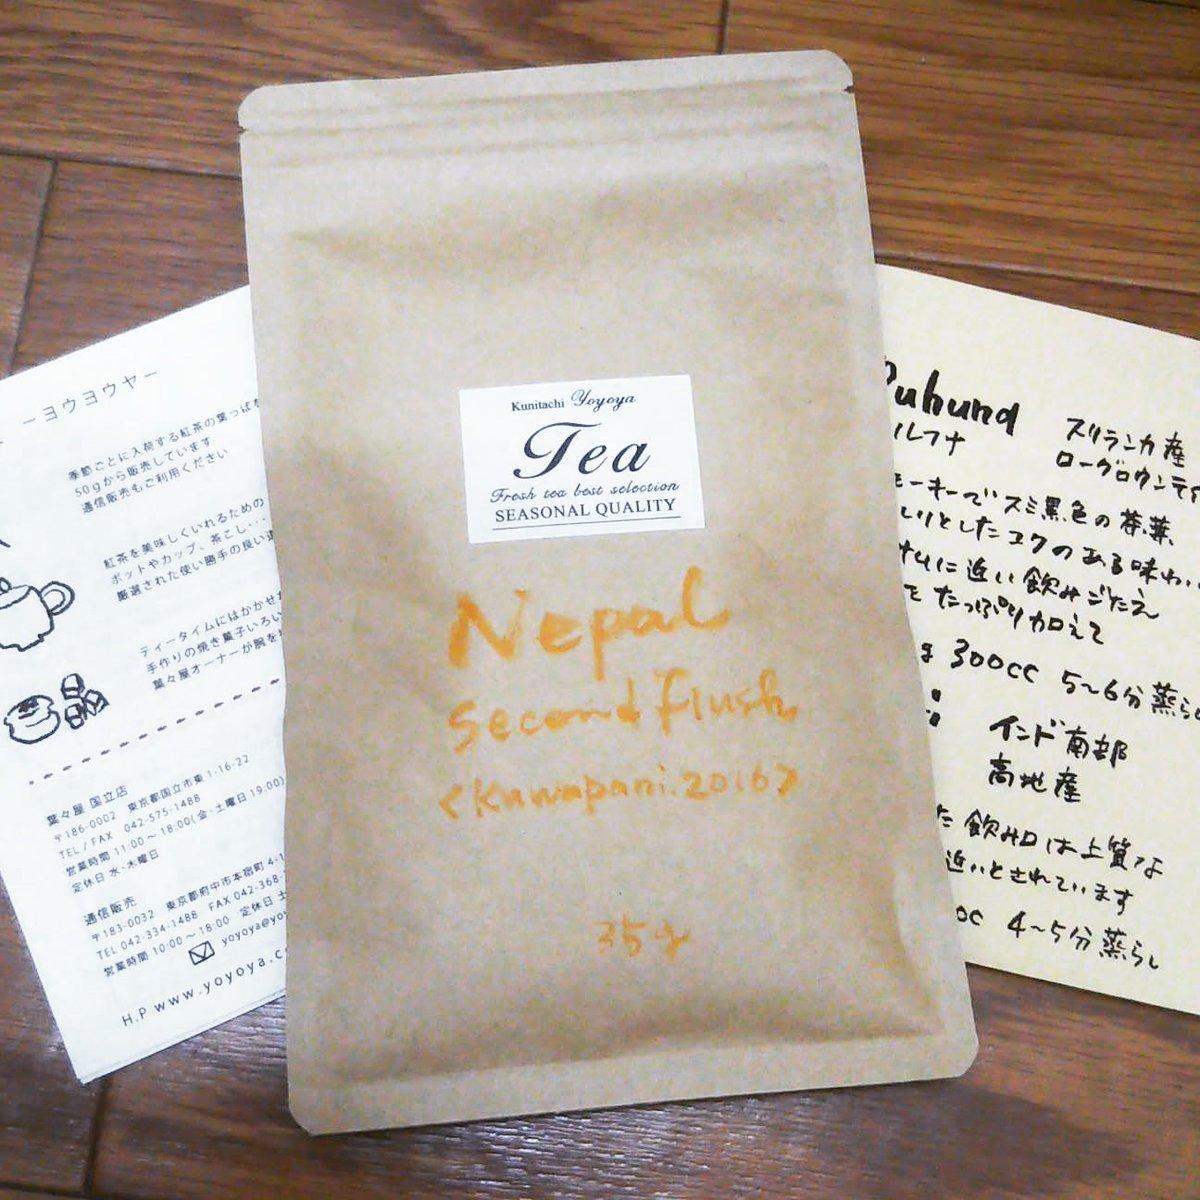 クォンタムタッチのお友達のチャイカさんに頂いた紅茶美味しい…!渋味が無くて口当たりすっきりしてる…!こんなに美味しいの初